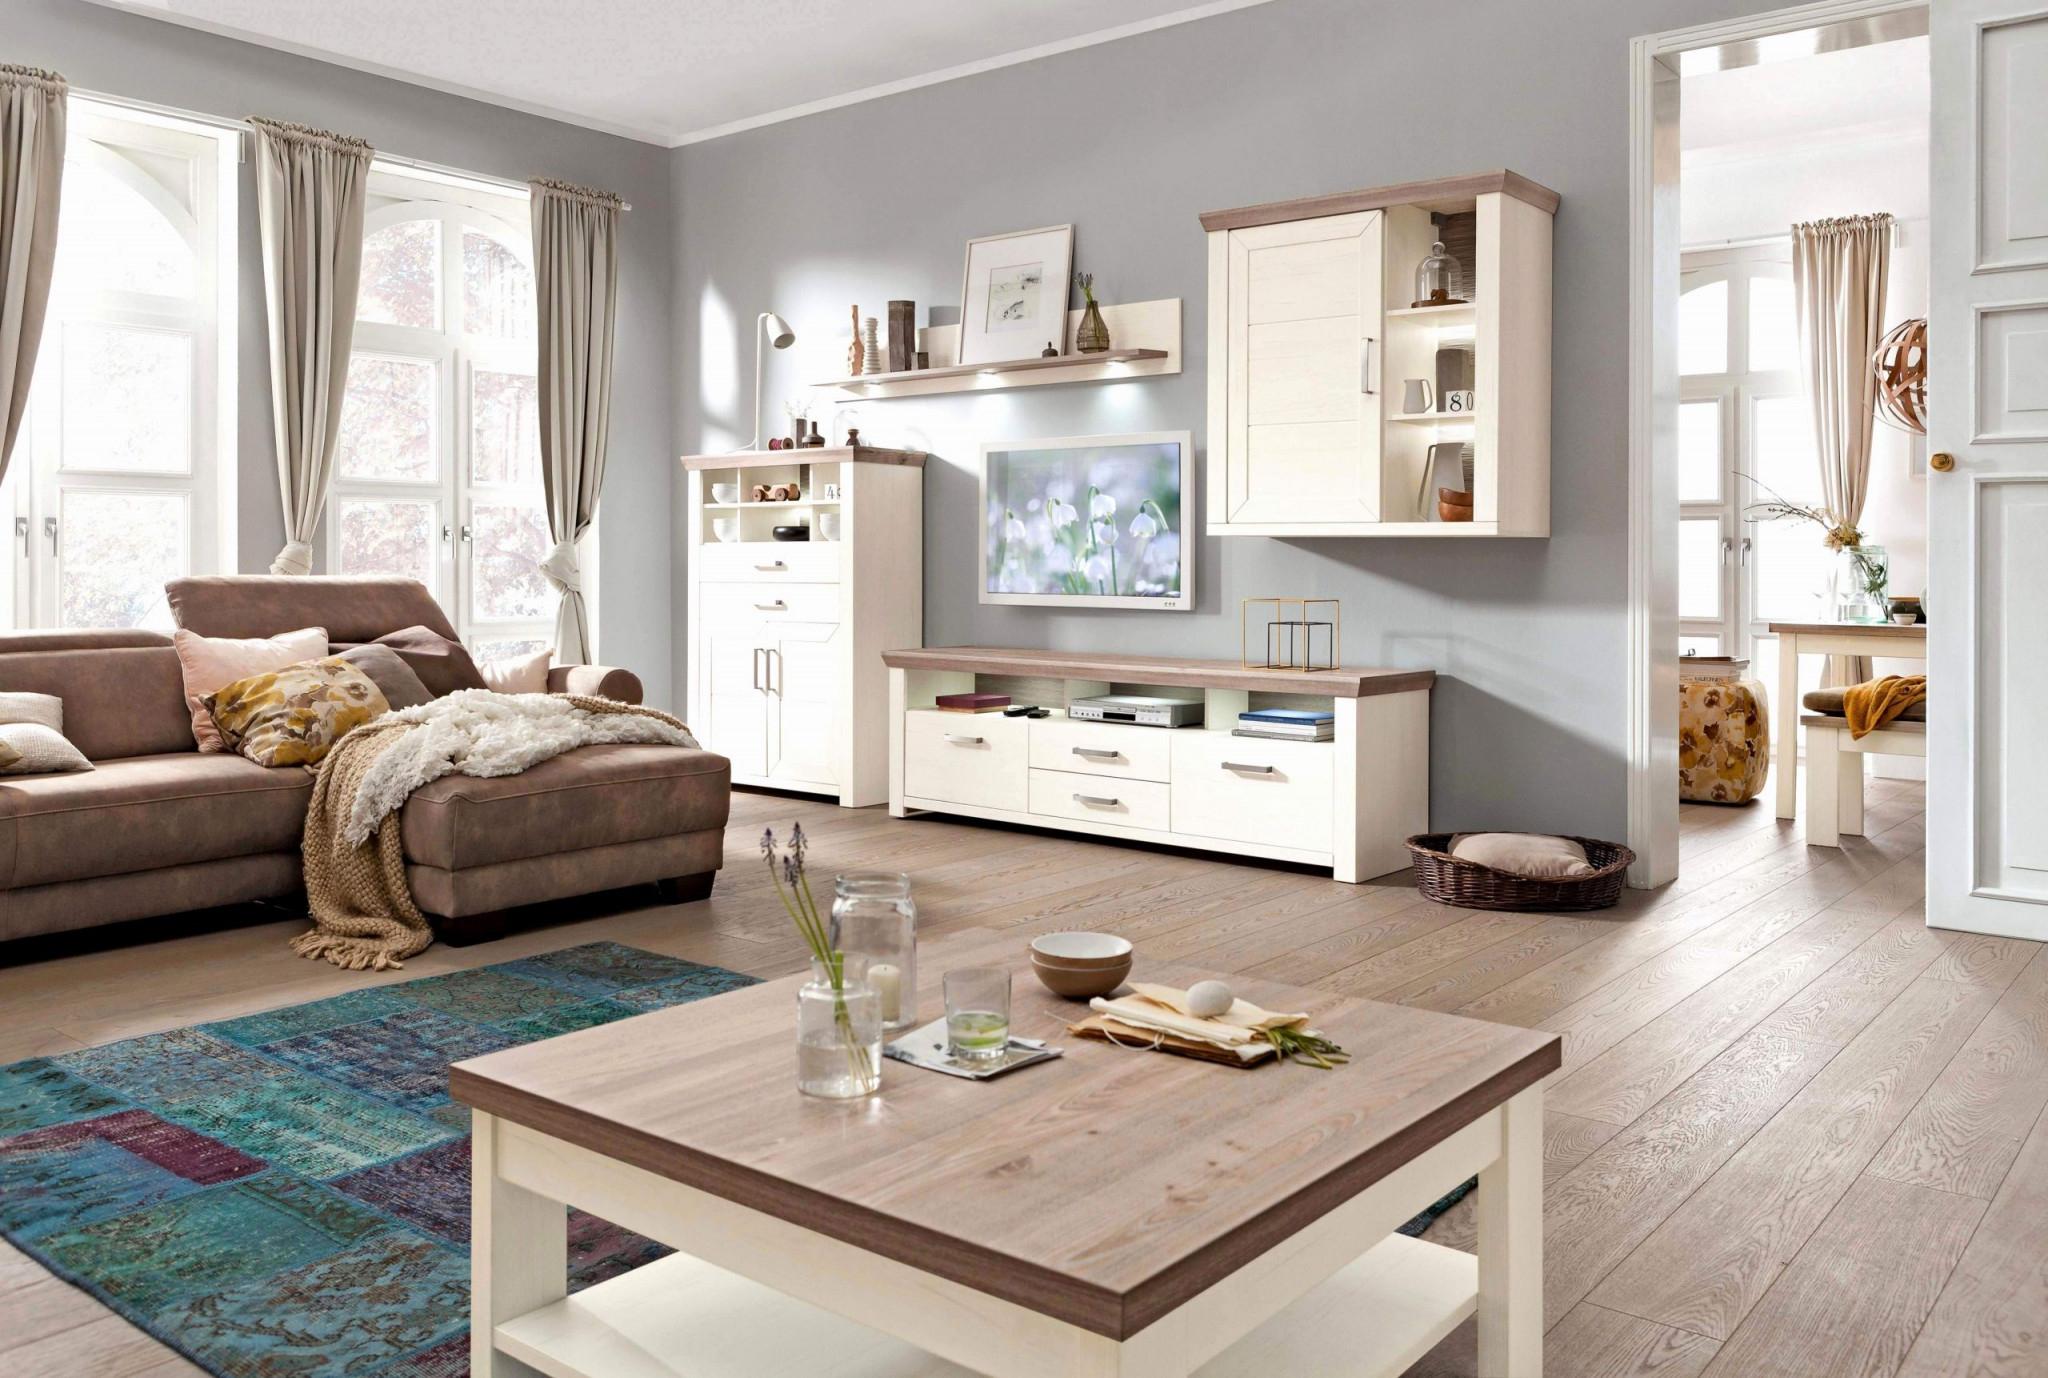 Wohnzimmer Landhausstil Gestalten Schön 25 Luxus Wohnzimmer von Bilder Für Wohnzimmer Landhausstil Bild